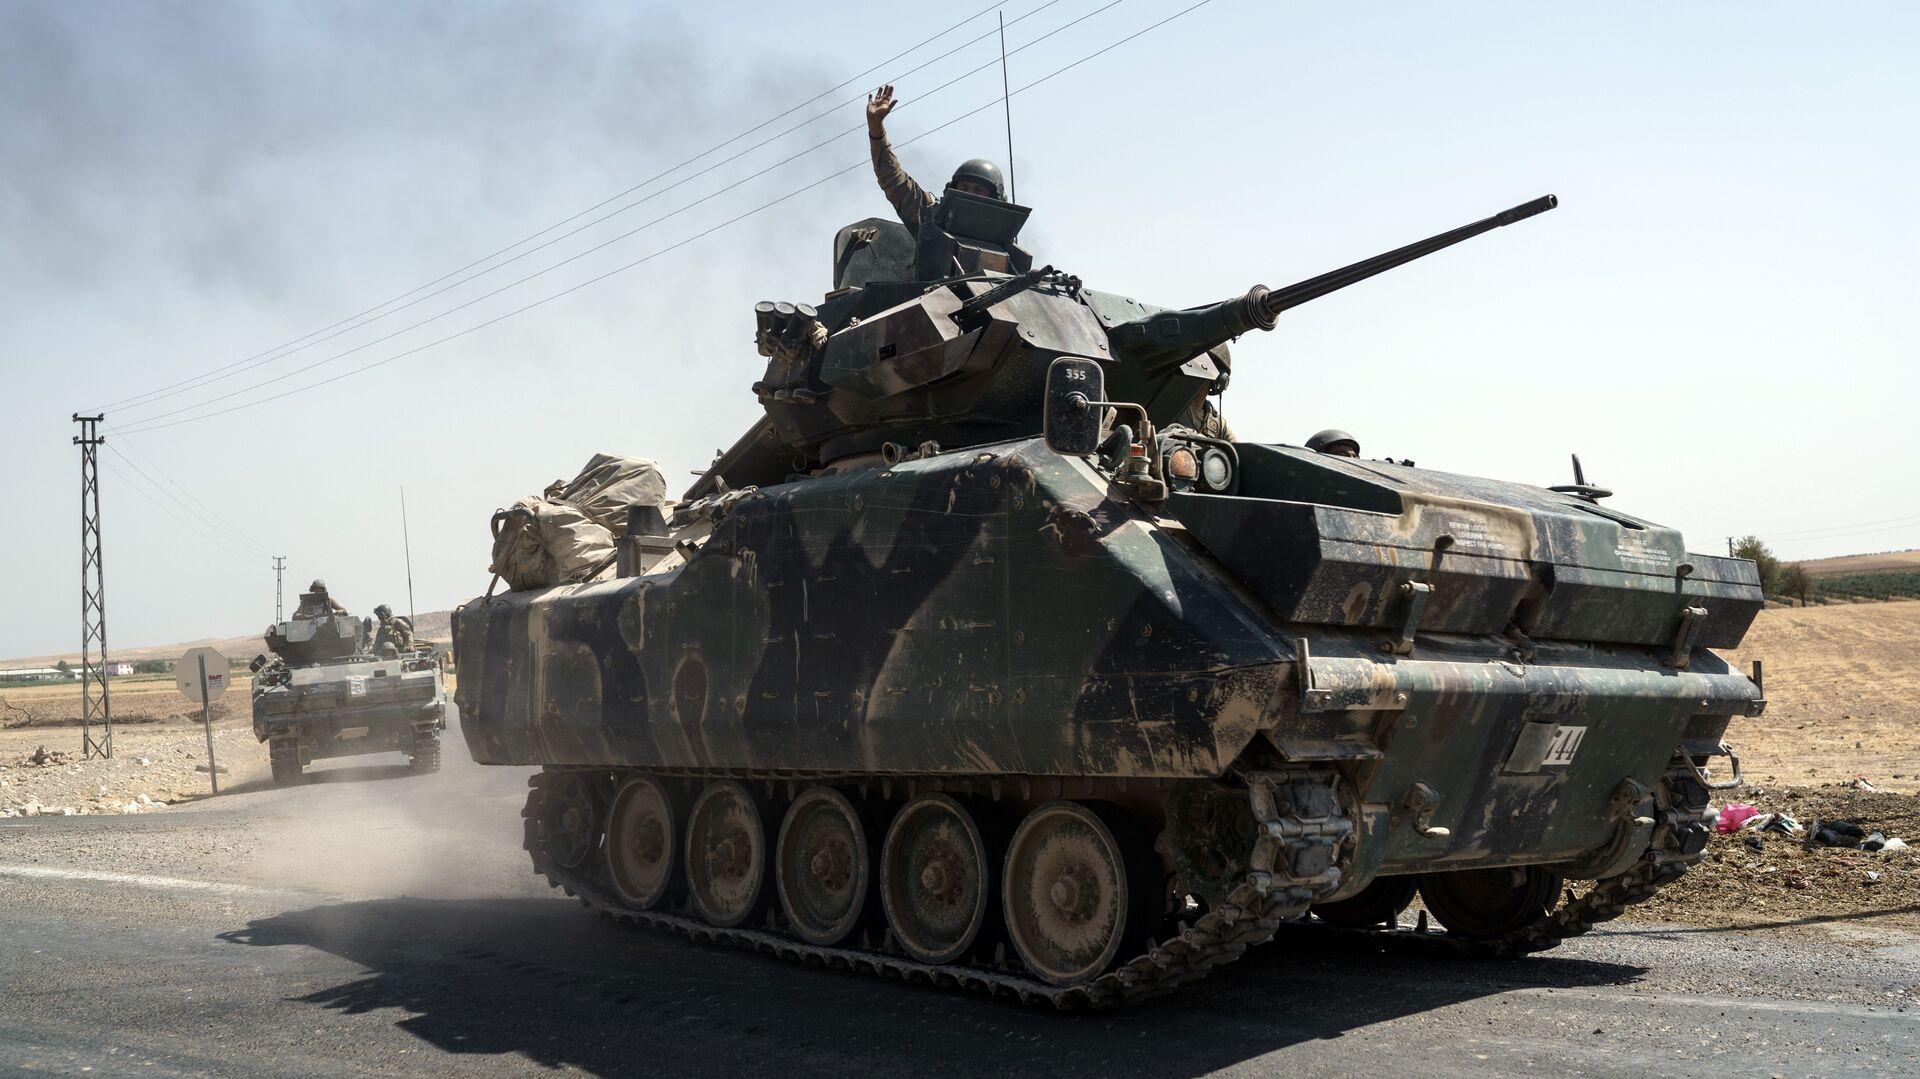 Турецкая бронетехника на границе с Сирией. 27 августа 2016 - РИА Новости, 1920, 19.09.2020